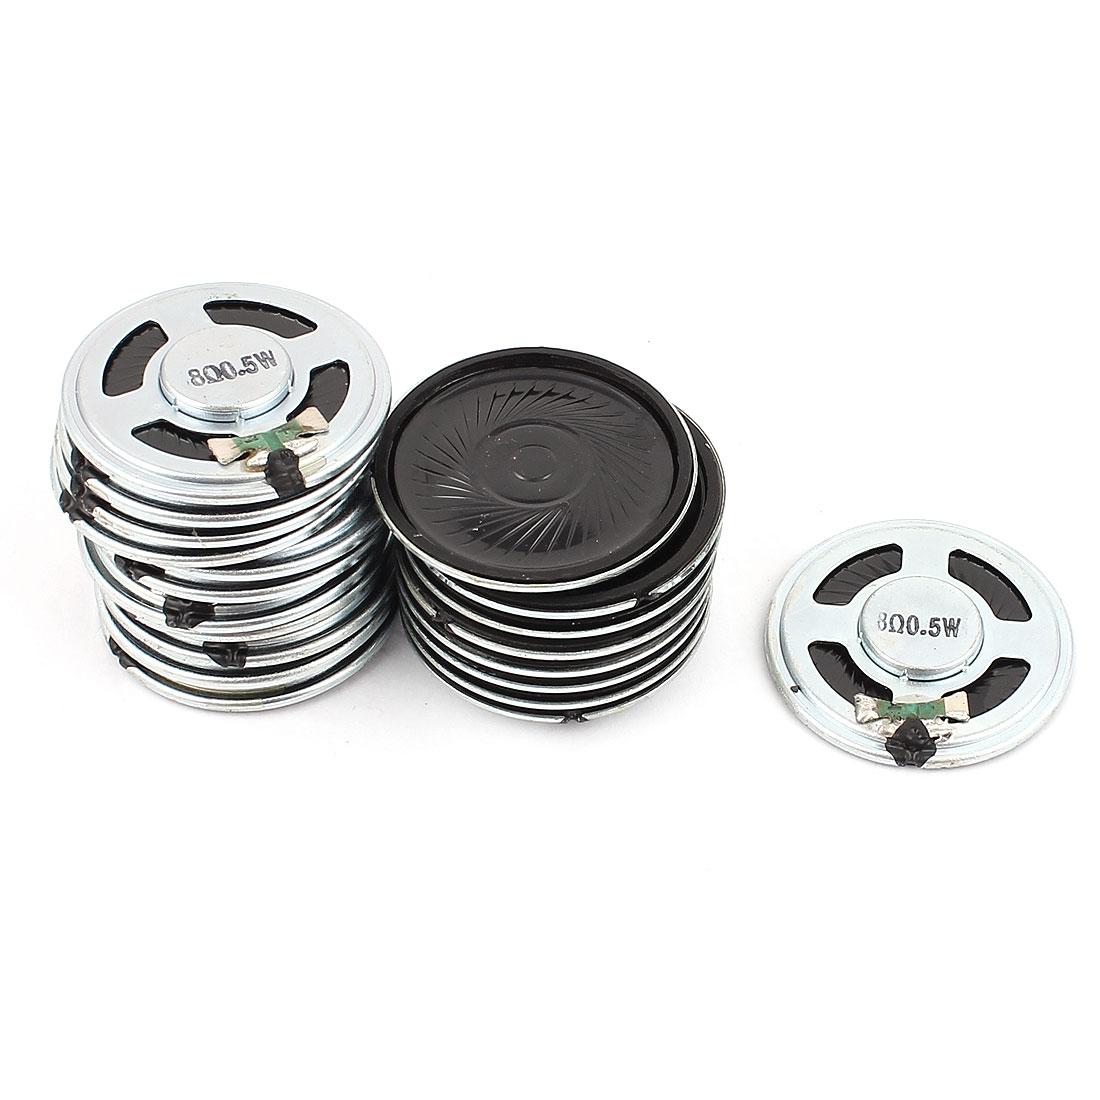 20 Pcs 40mm 8 Ohm 0.5W Metal Shell External Magnetic Speaker Loudspeaker Silver Tone